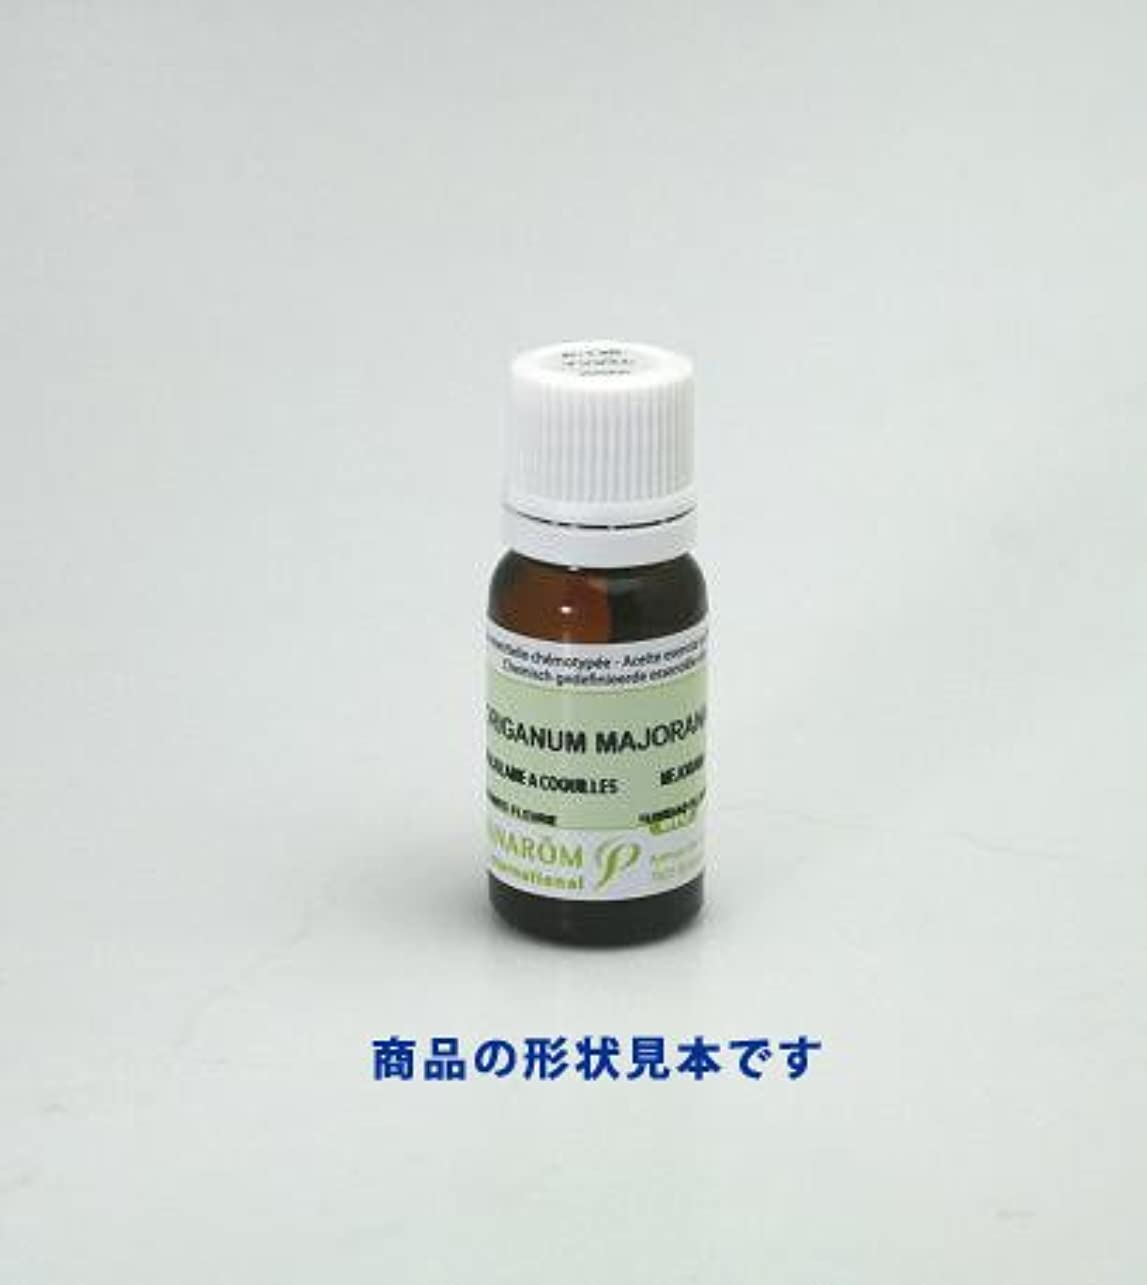 受け継ぐダイアクリティカル恩恵プラナロム社製精油:P-155 パチュリー